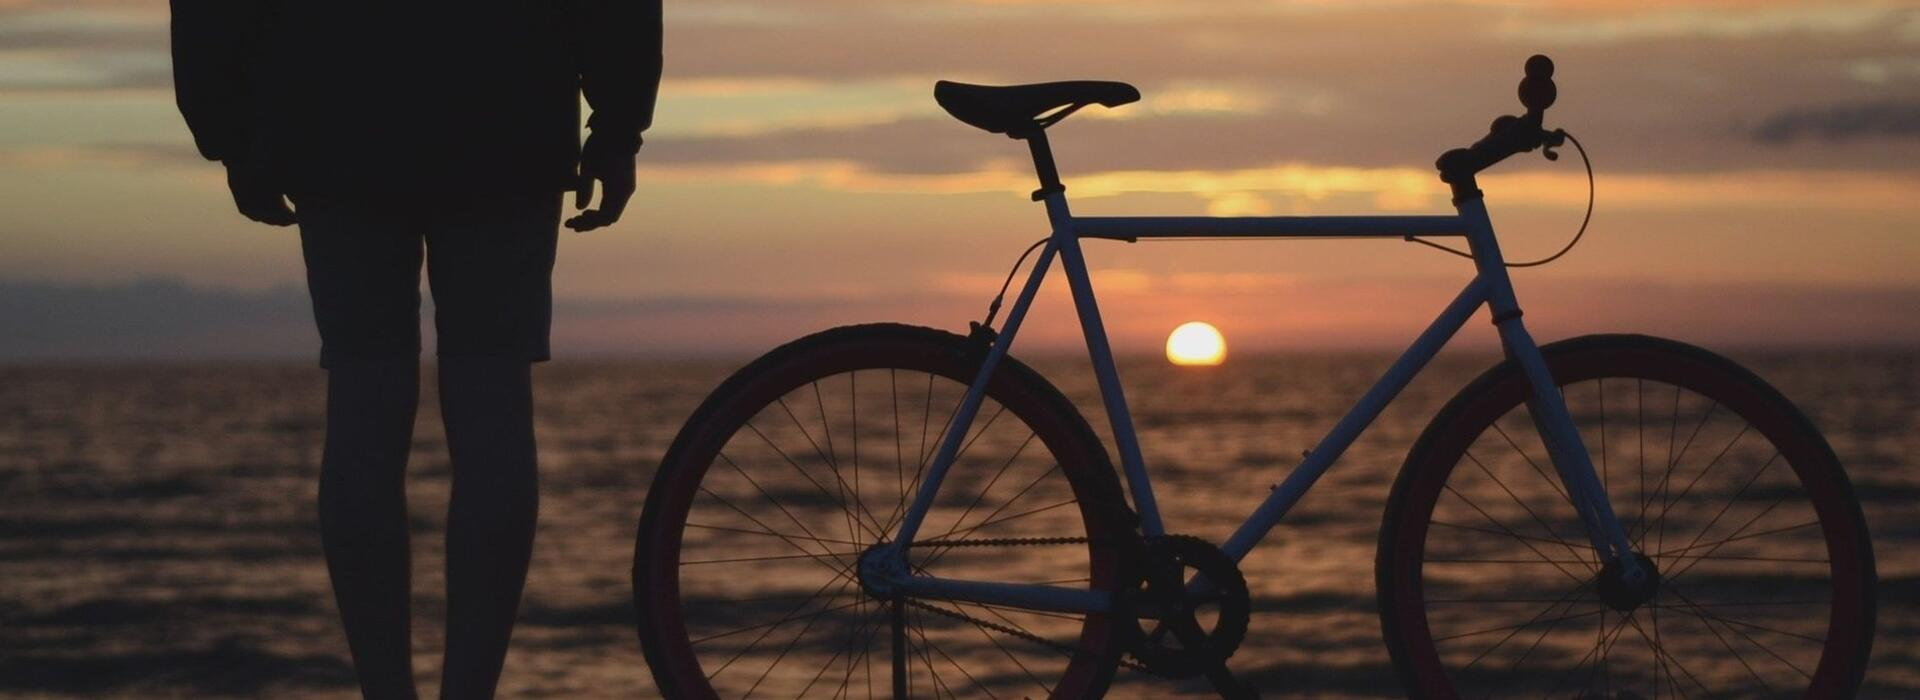 hotelvictoria en bike 015